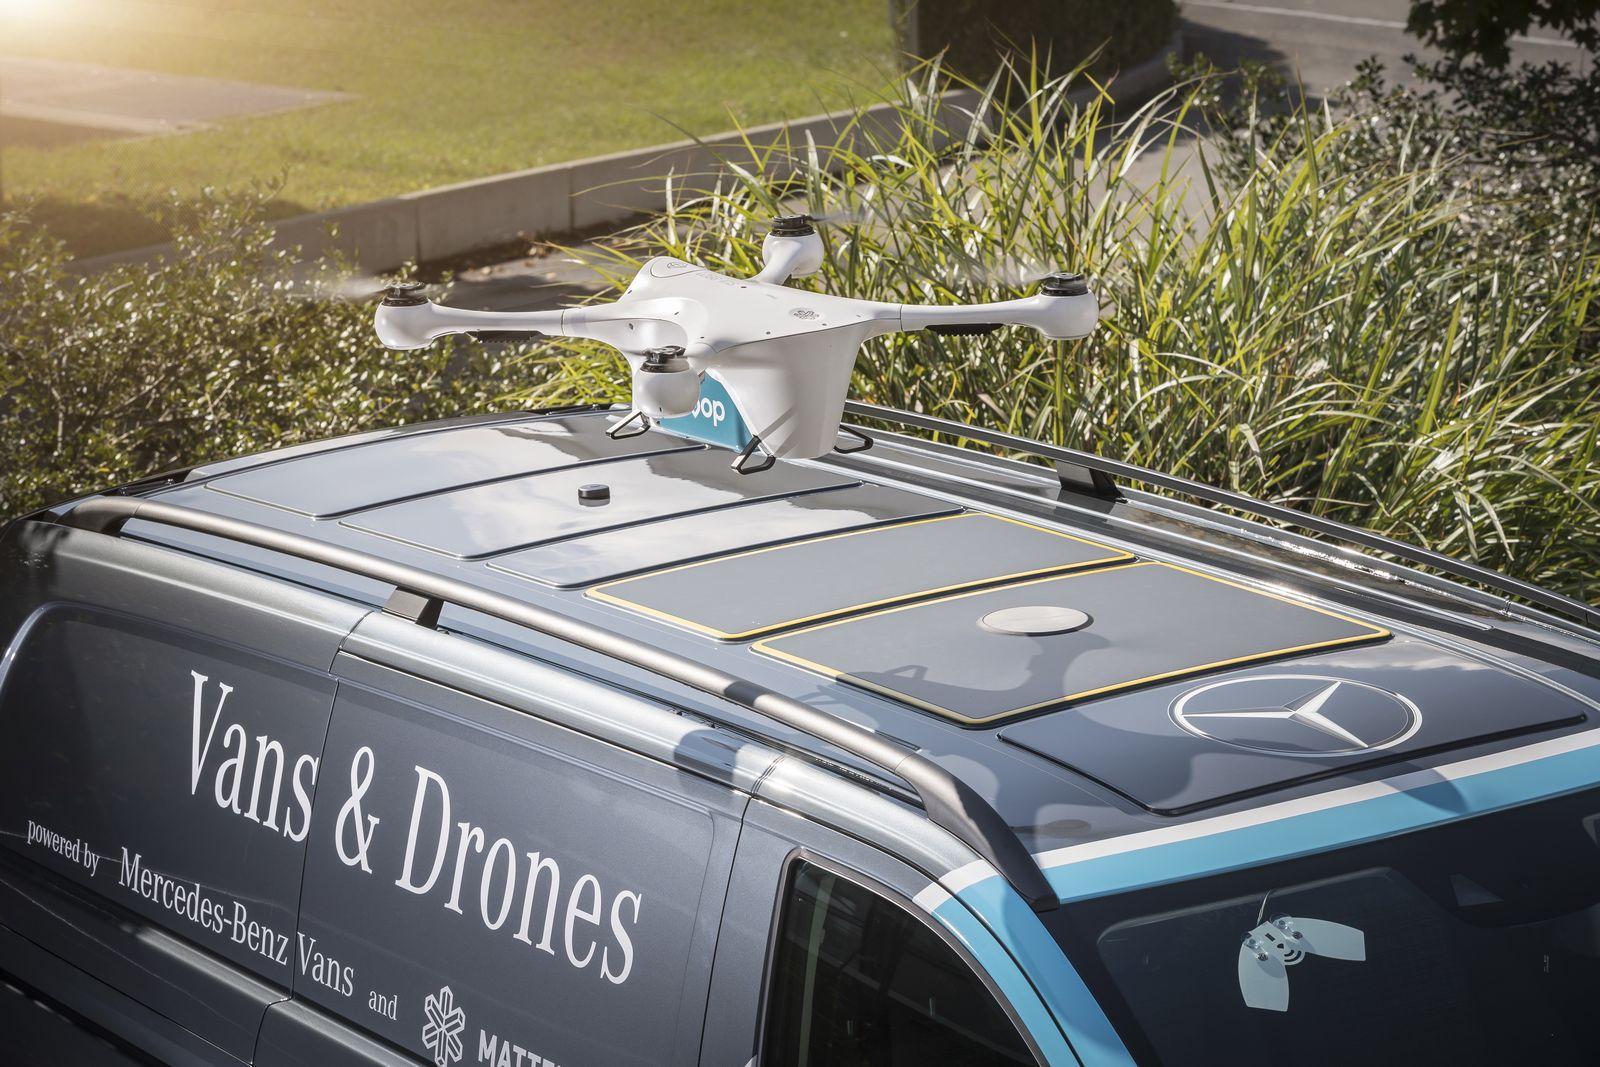 Mercedes-Benz Vans, Matternet und siroop starten Pilotprojekt zur On-Demand-Lieferung von e-Commerce-Produkten in Zürich.